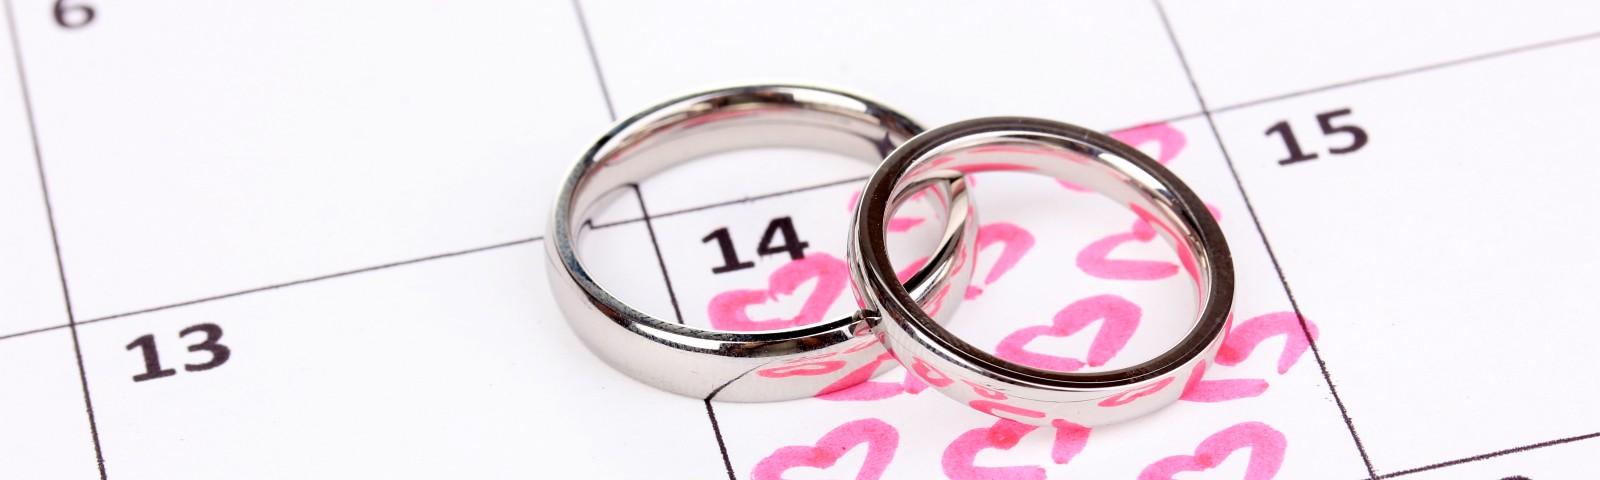 Приметы о свадьбе - можно ли выходить замуж в високосном году